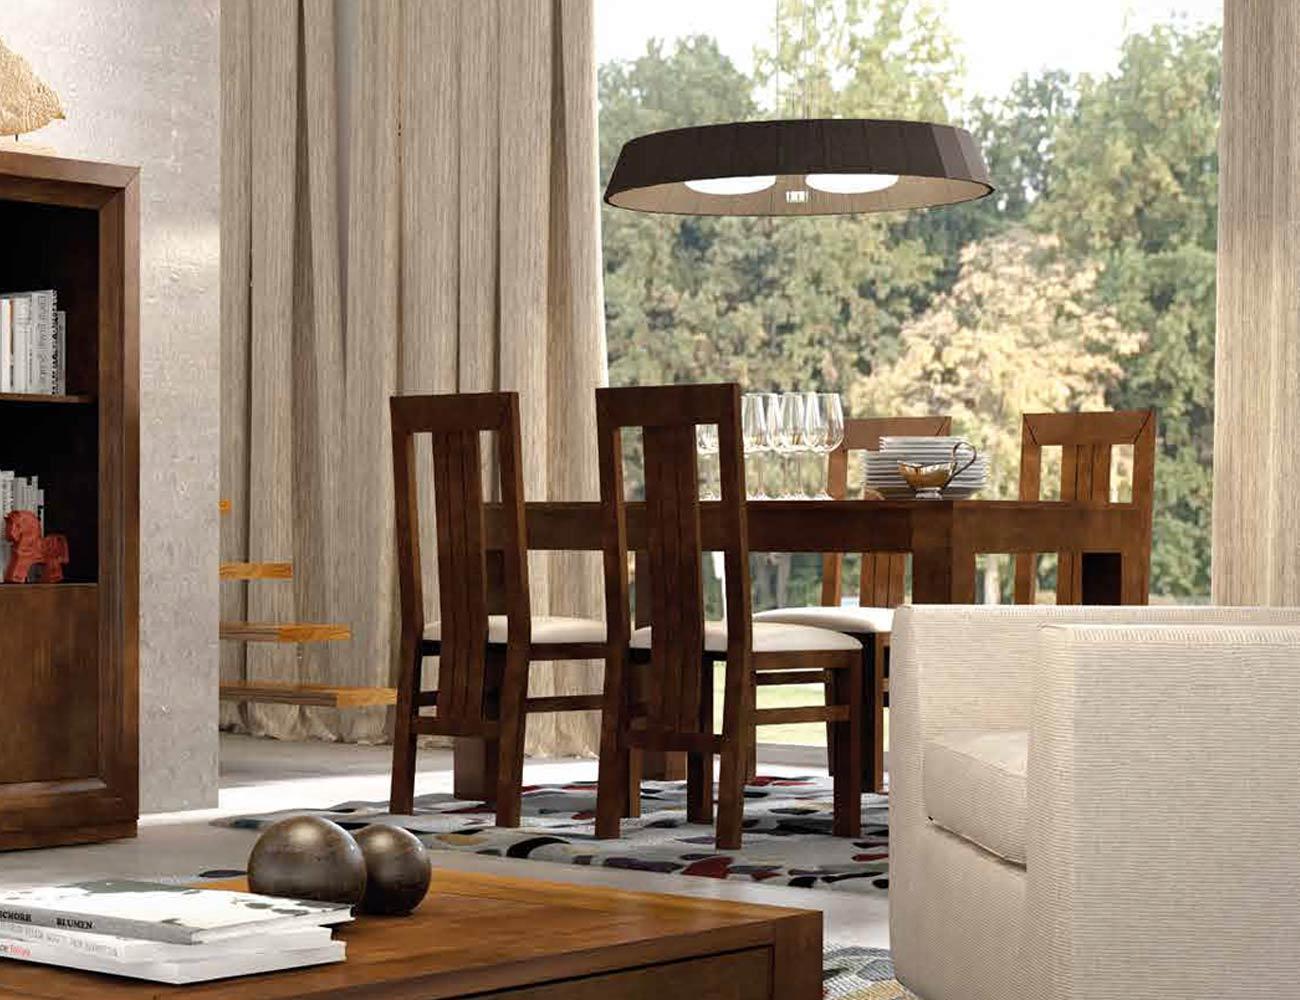 Mueble de sal n de estilo cl sico moderno en color nogal for Muebles estilo clasico moderno